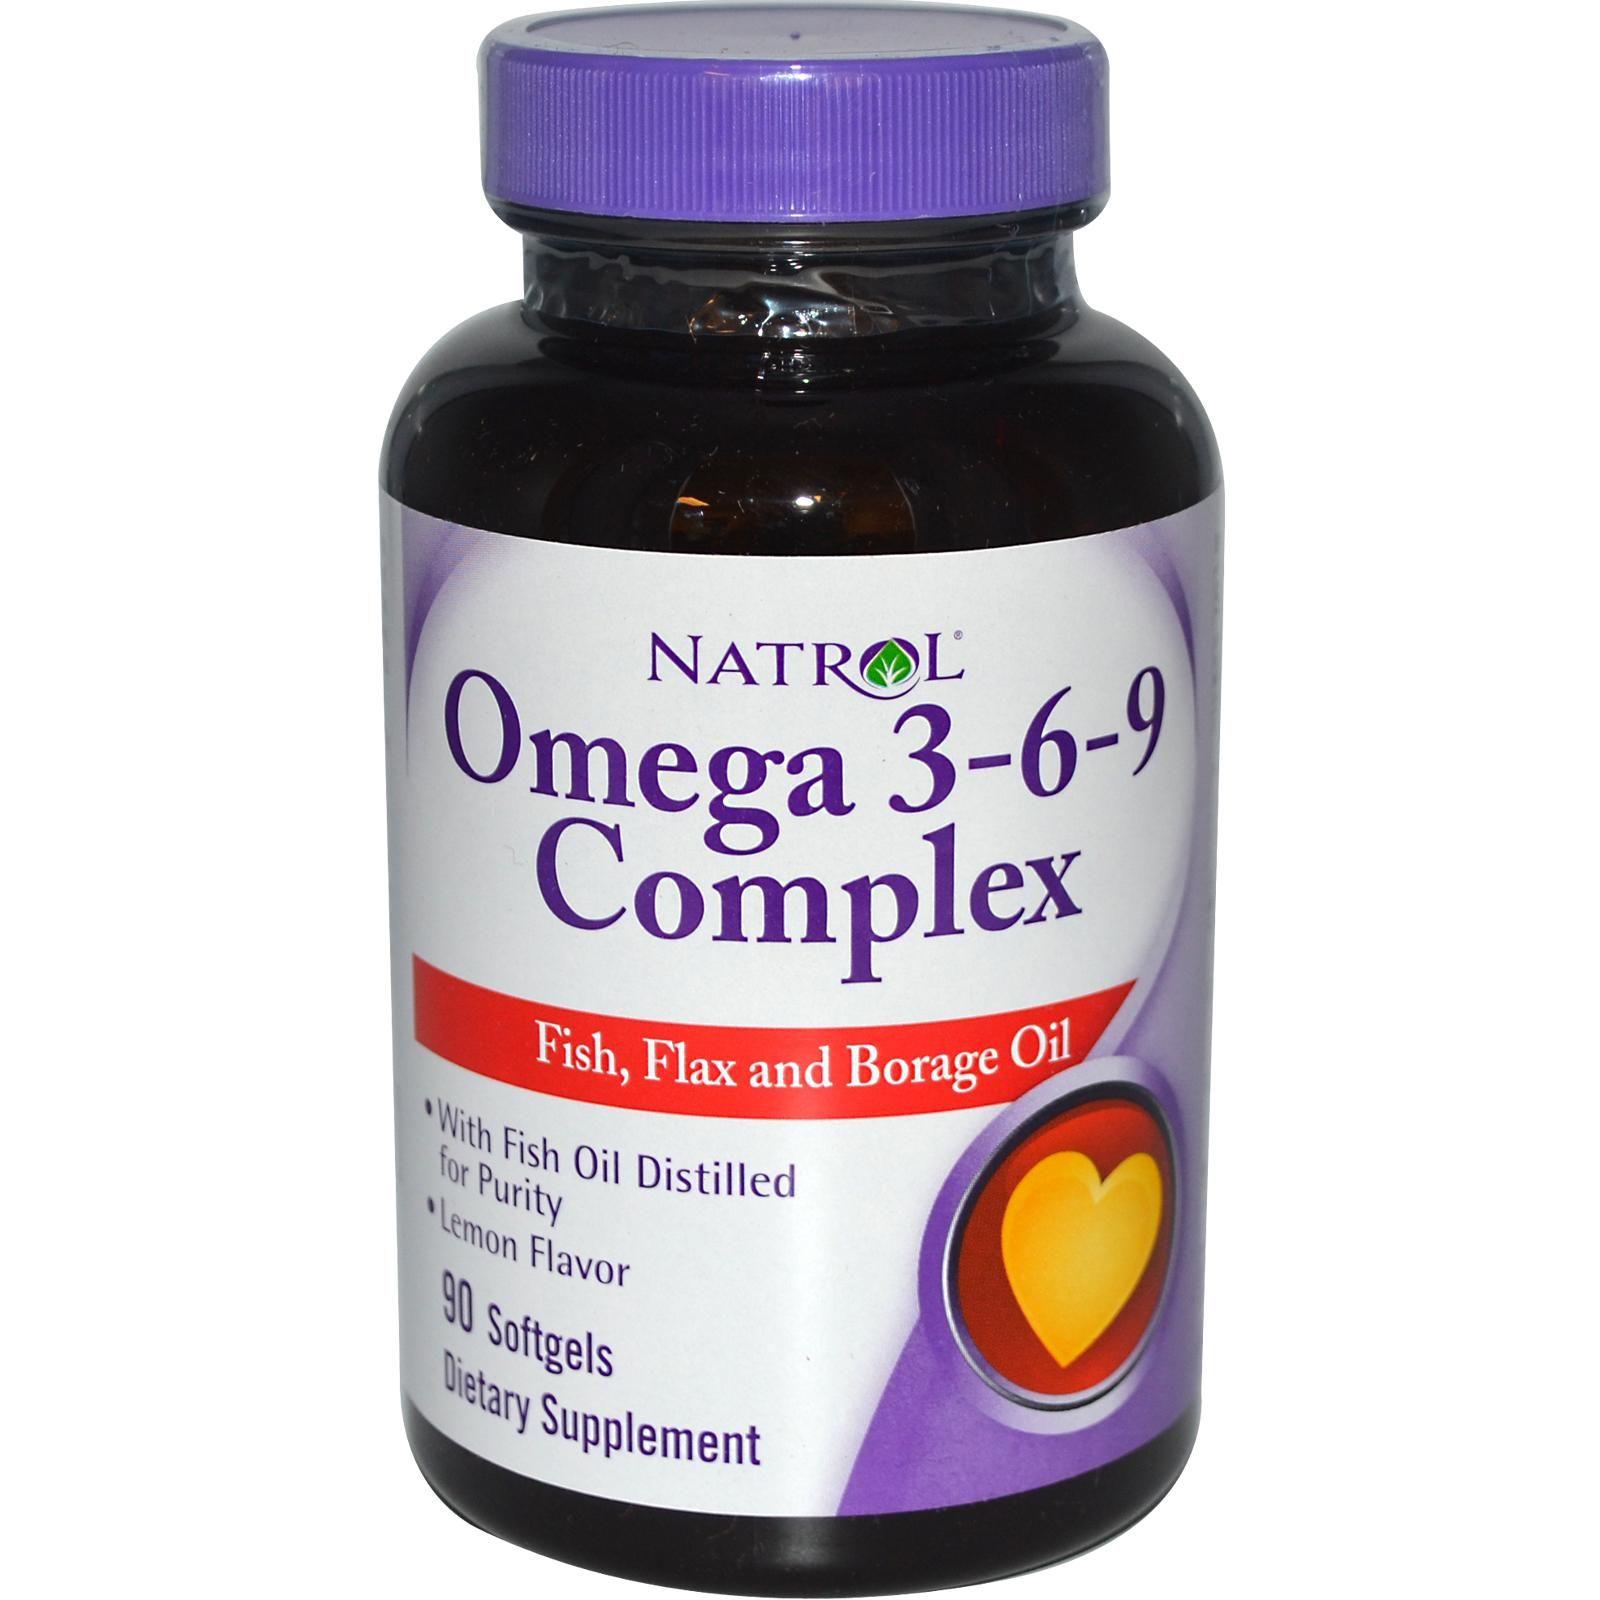 Natrol Omega 3 6 9 Complex Lemon 1 200 Mg 90 Softgels Health